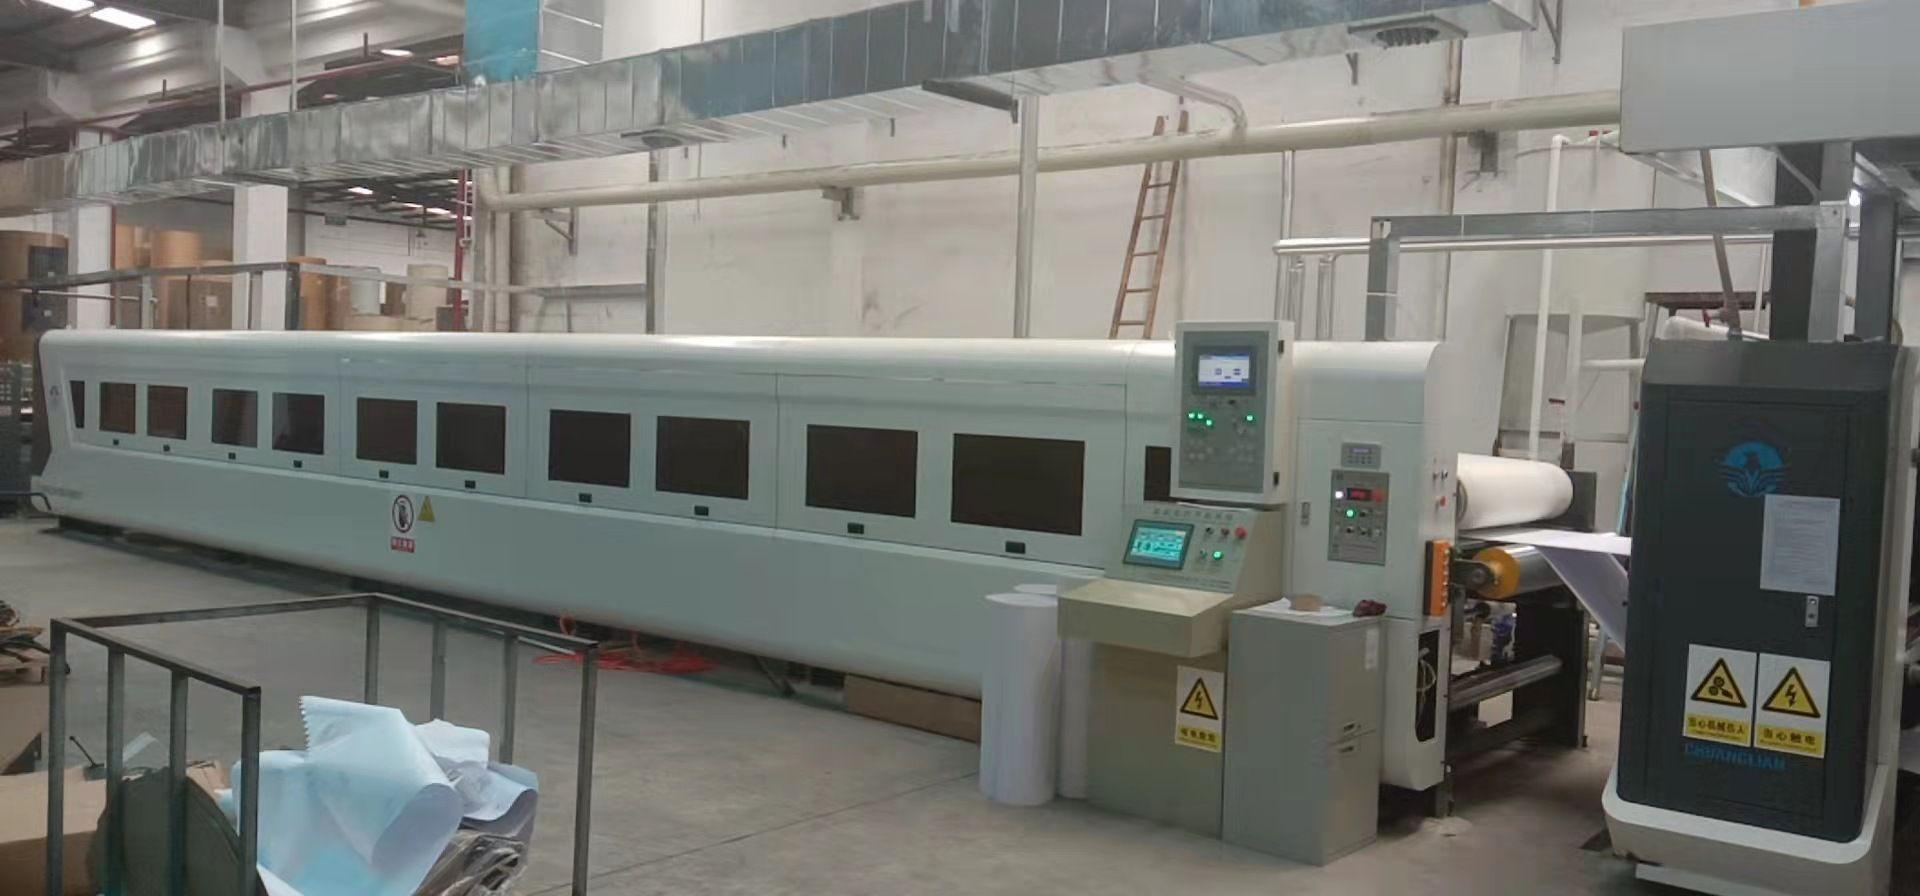 Key factors determining tile line production capacity